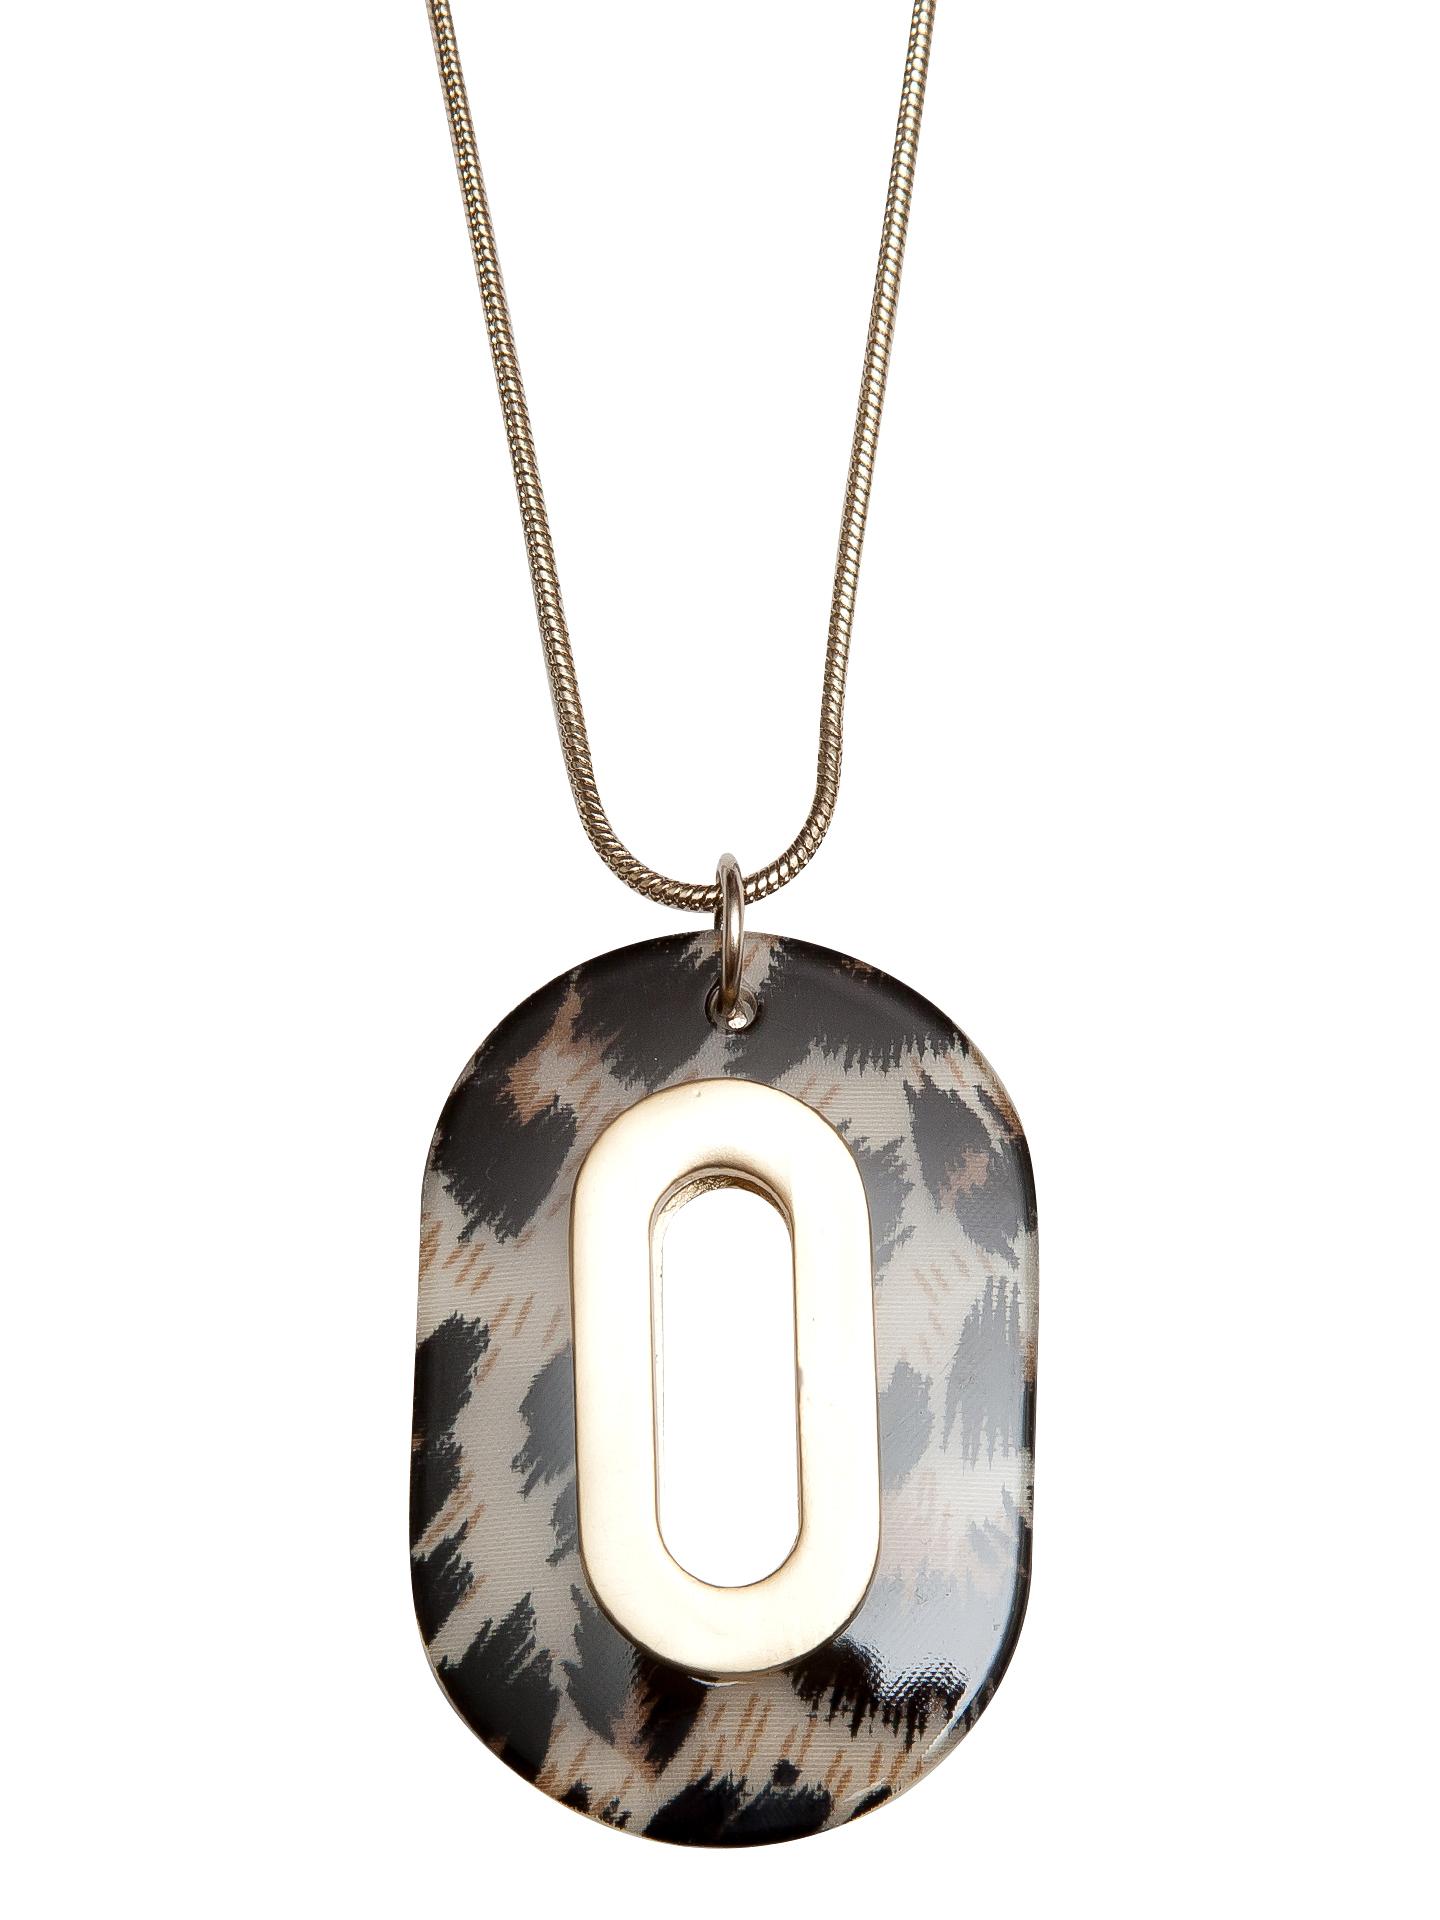 Колье/ожерелье бижутерное Kameo-bis KOL812035, NC812035, золотойNC812035Размер 75 см * 0,3 см Состав: сплав на основе латуни, пластик, стразы